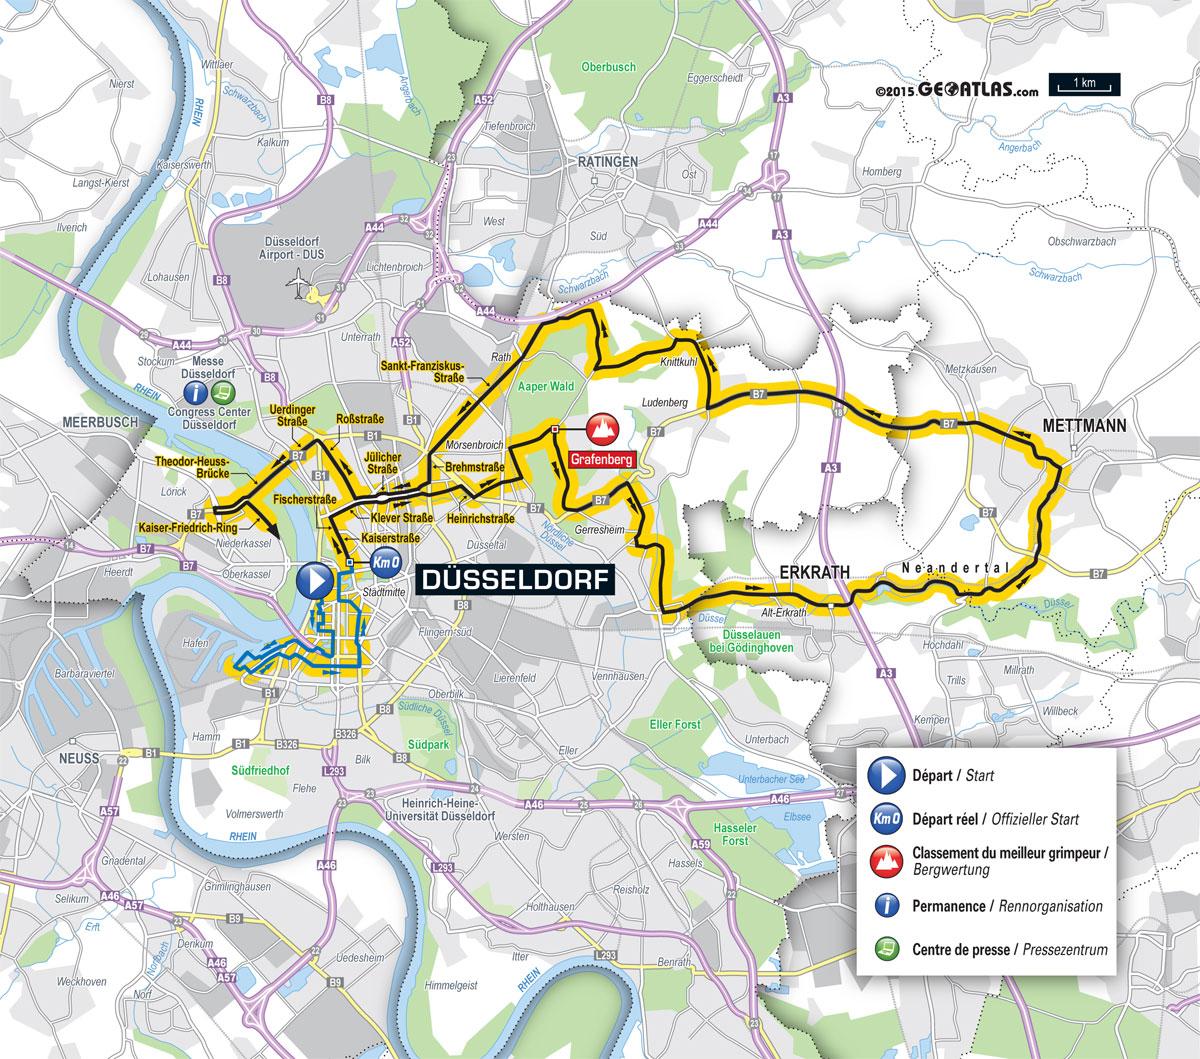 etappenplan tour de france 2019